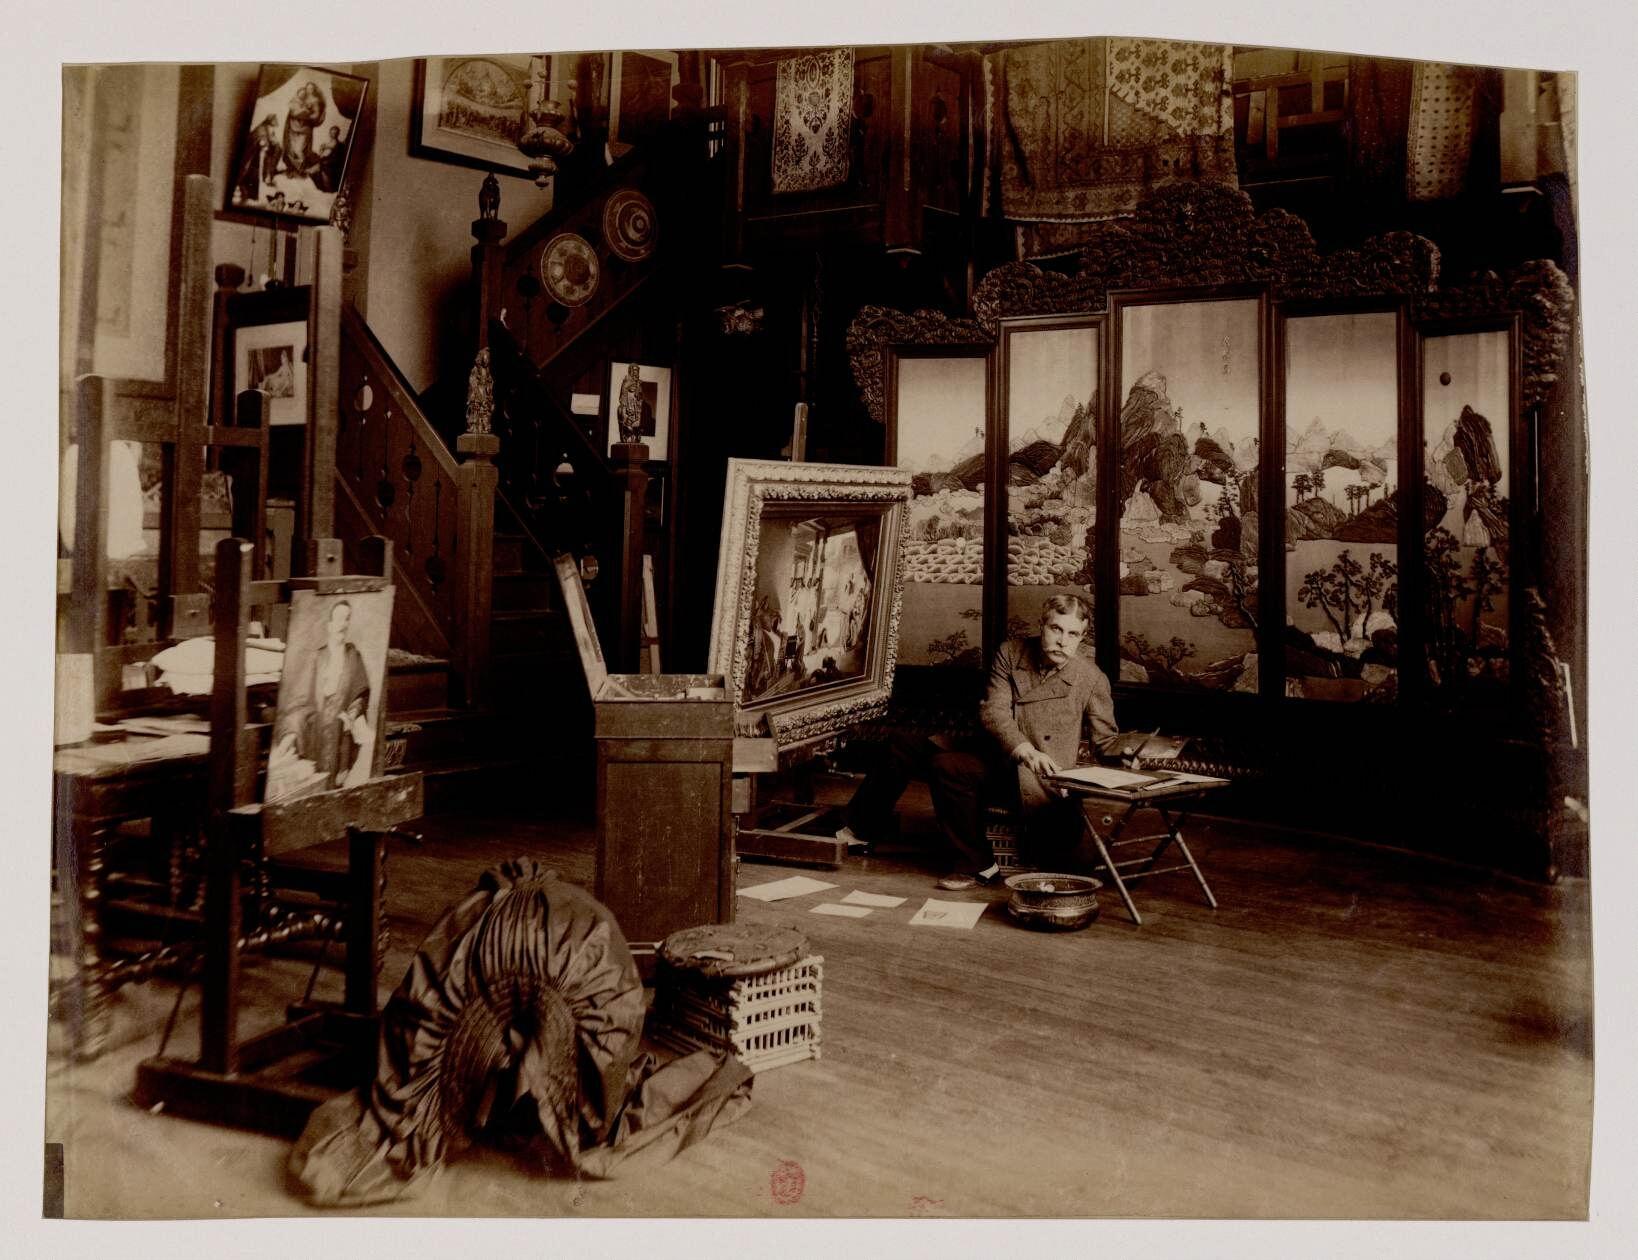 Жан-Жюль-Антуан Леконт дю Ноуи (1842 - 1923) - востоковед, французский живописец